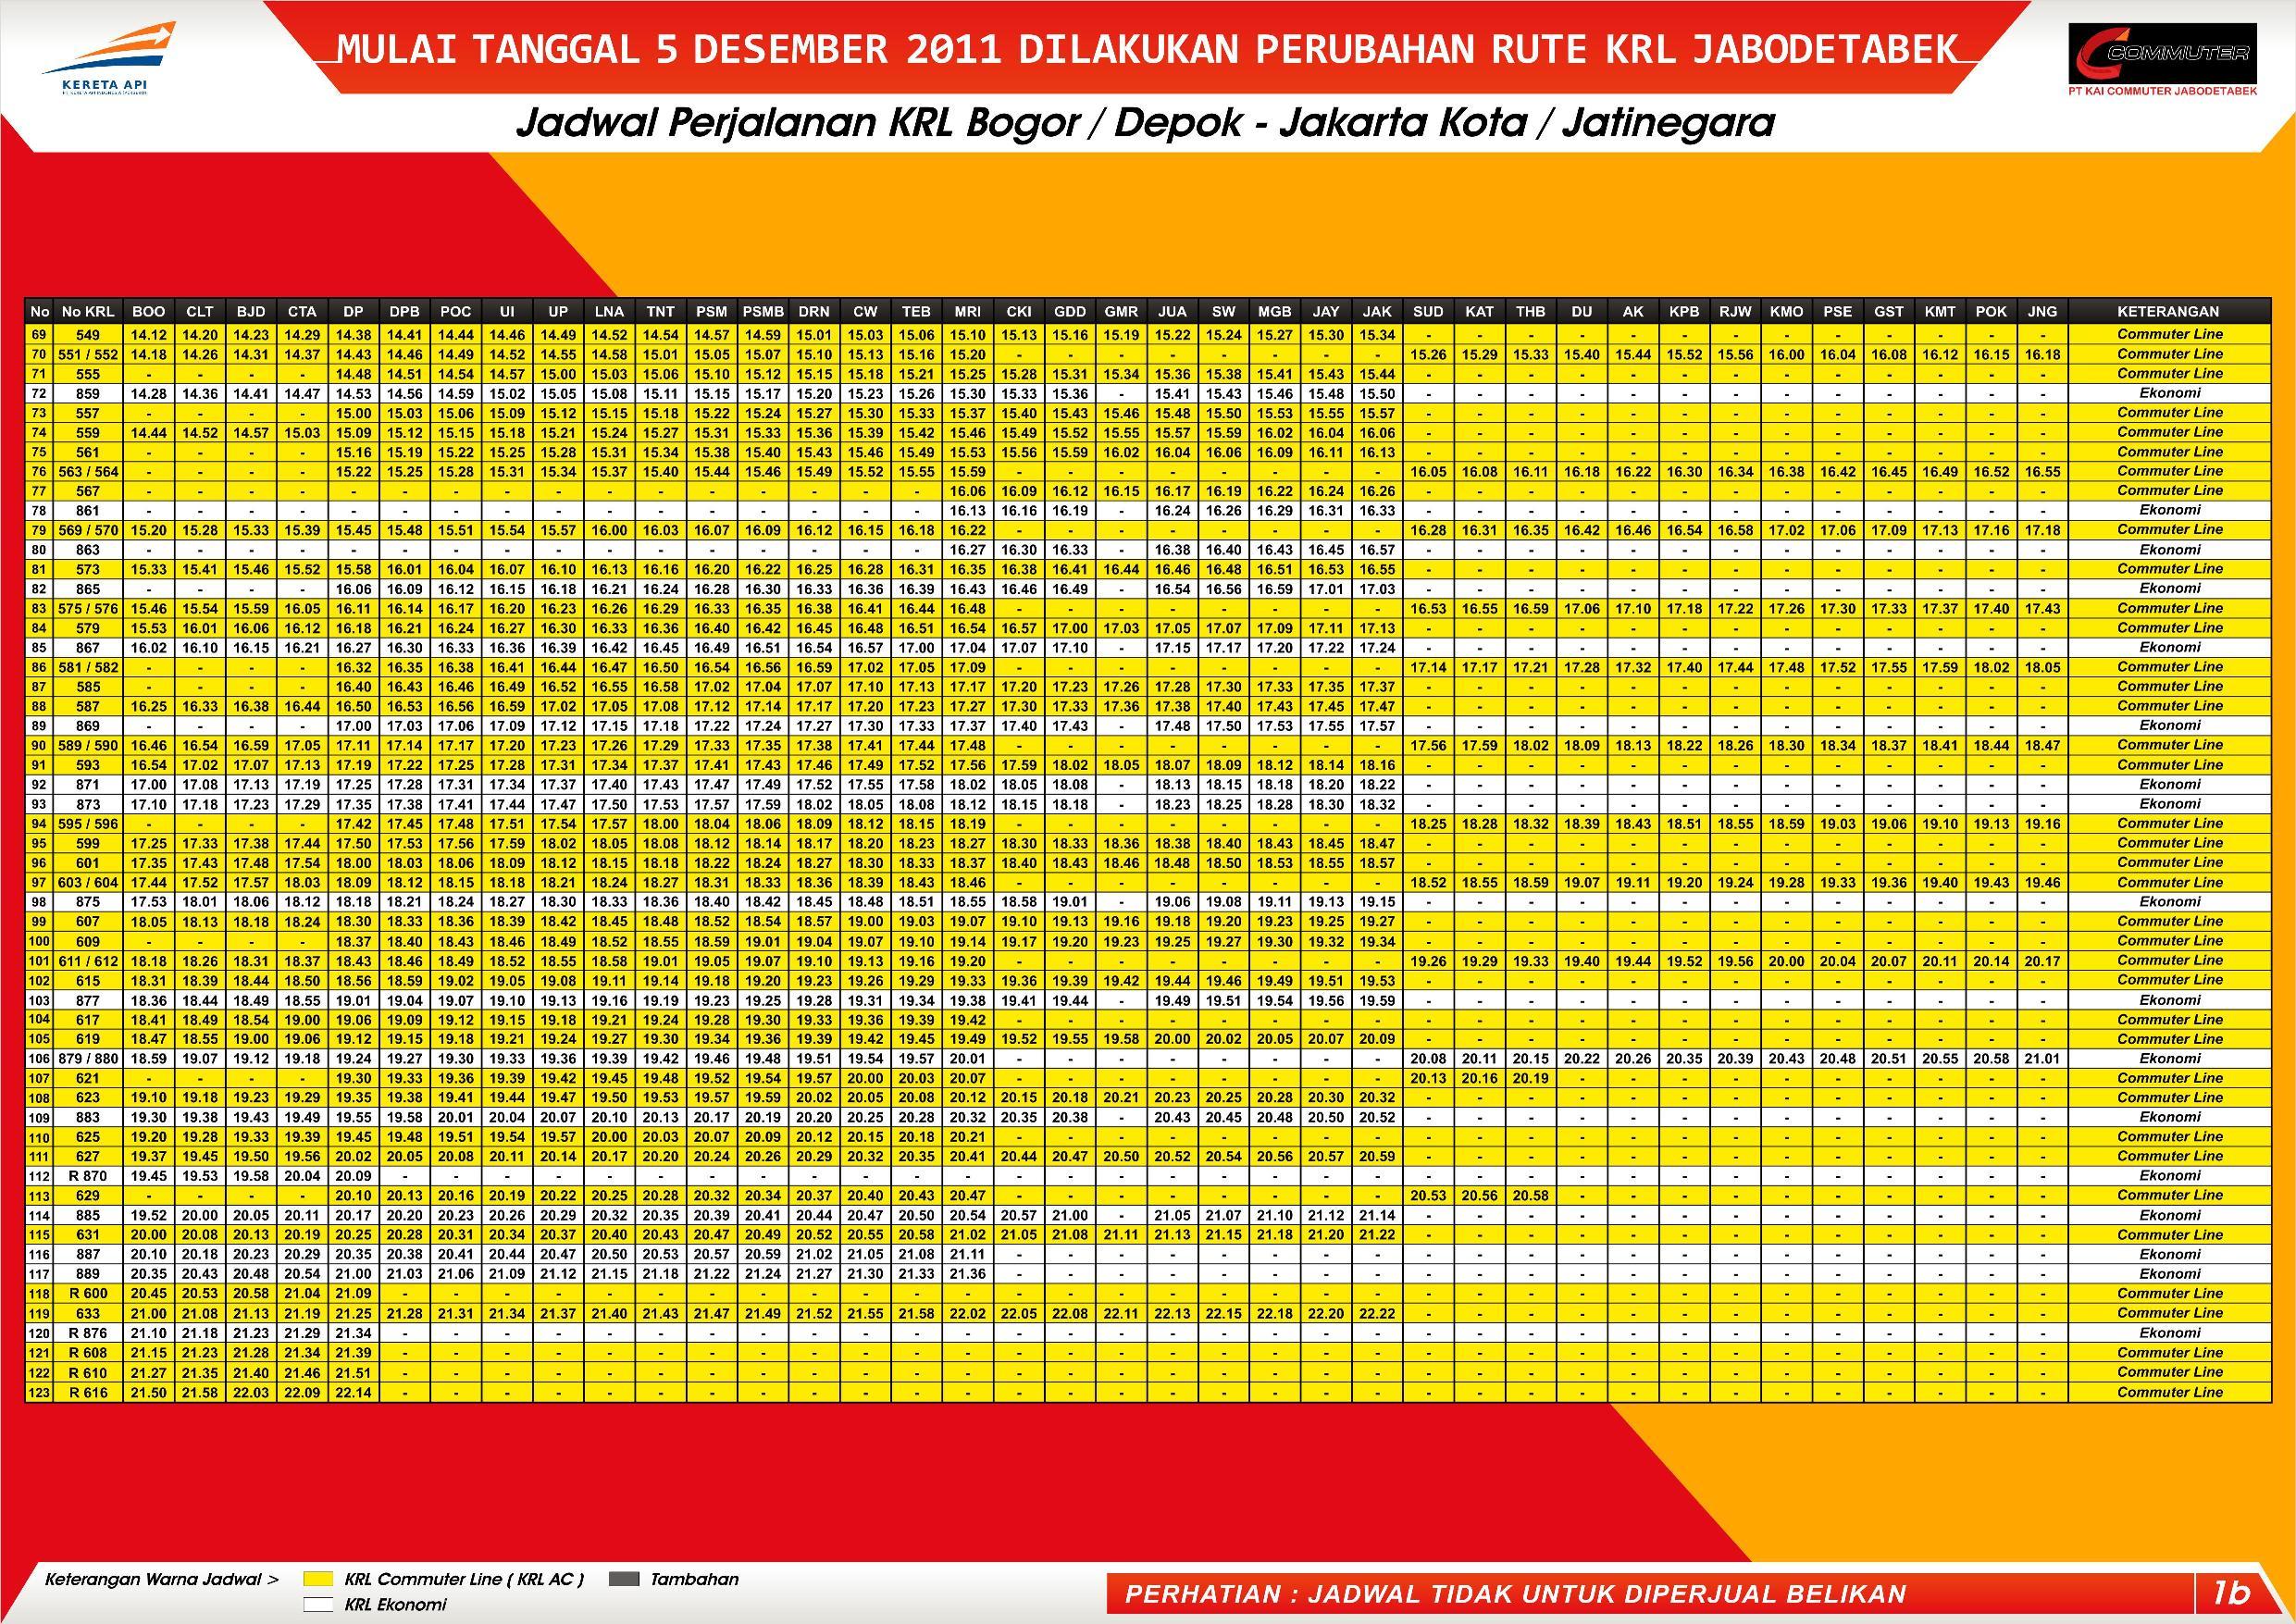 Jadwal1b Bogor Depok - Jatinegara Kota